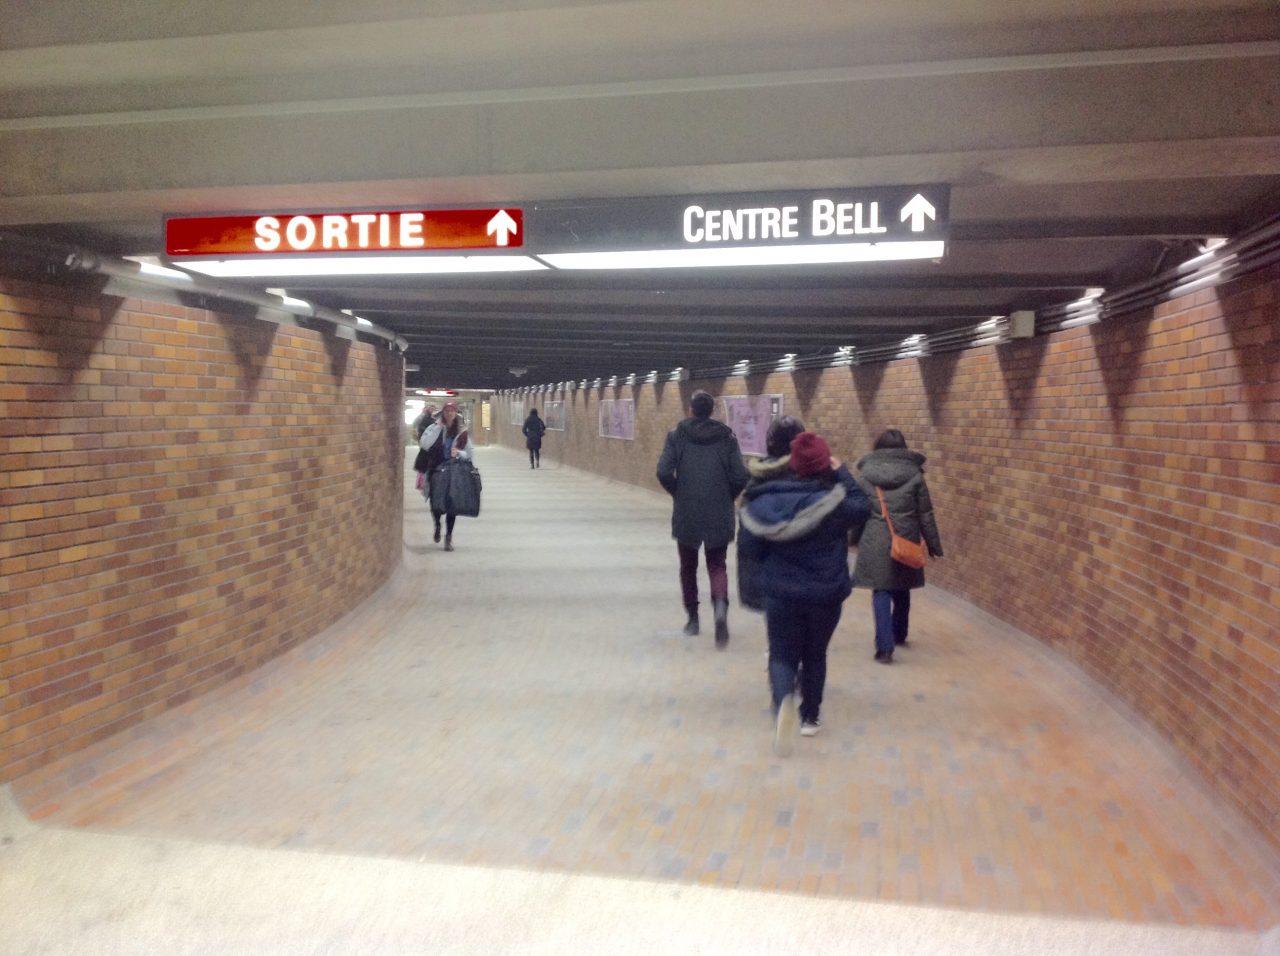 モントリオールの場合、地下街を通ってもアリーナに行ける